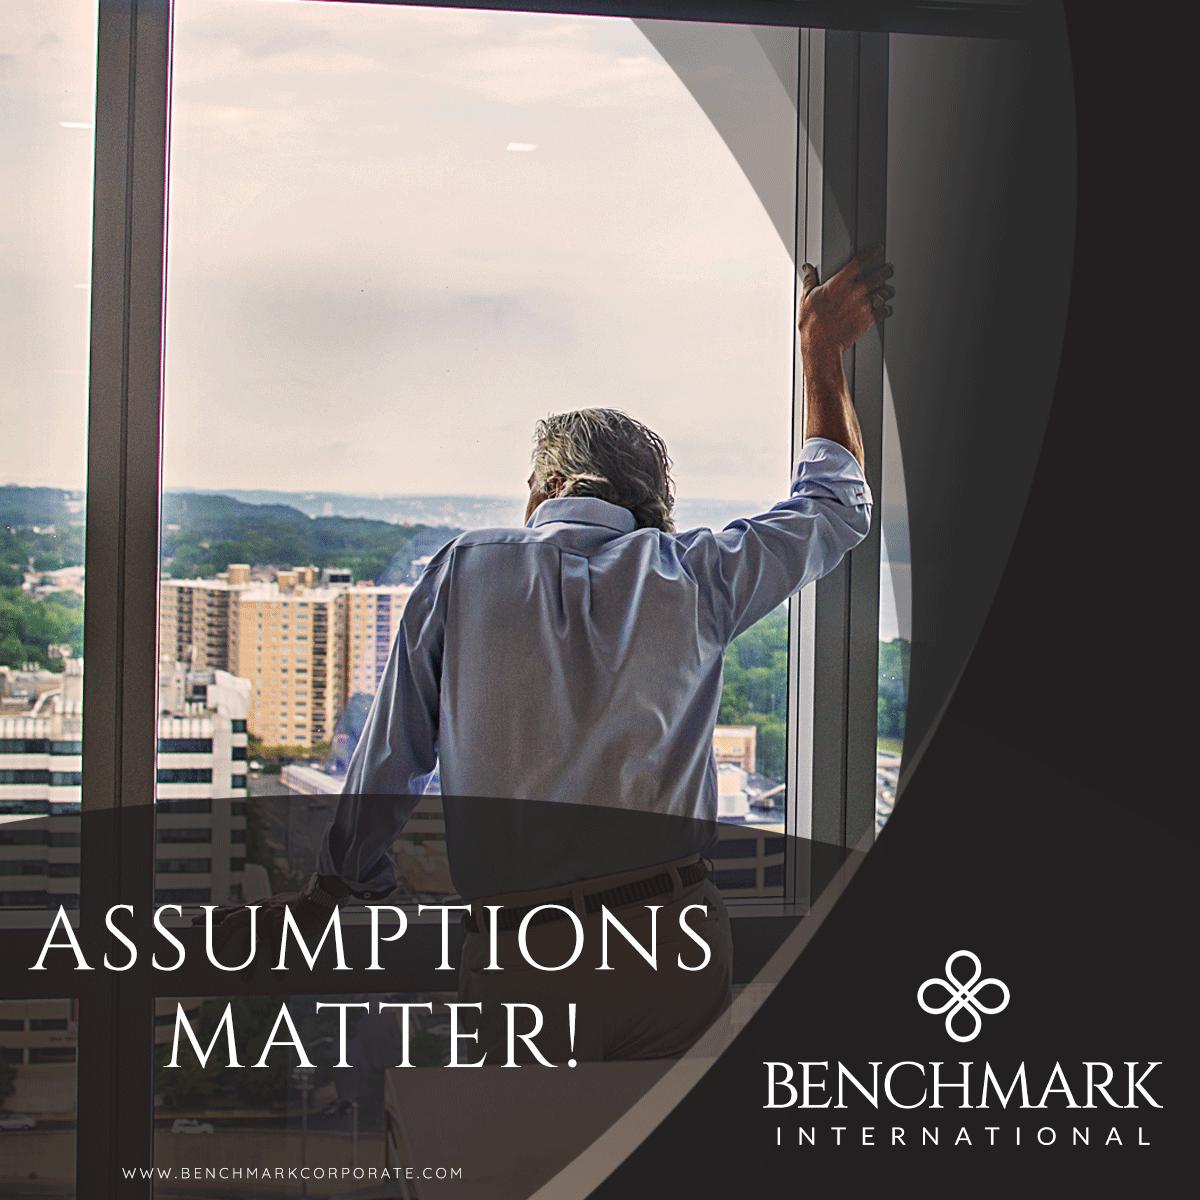 Assumptions_Matter-Social